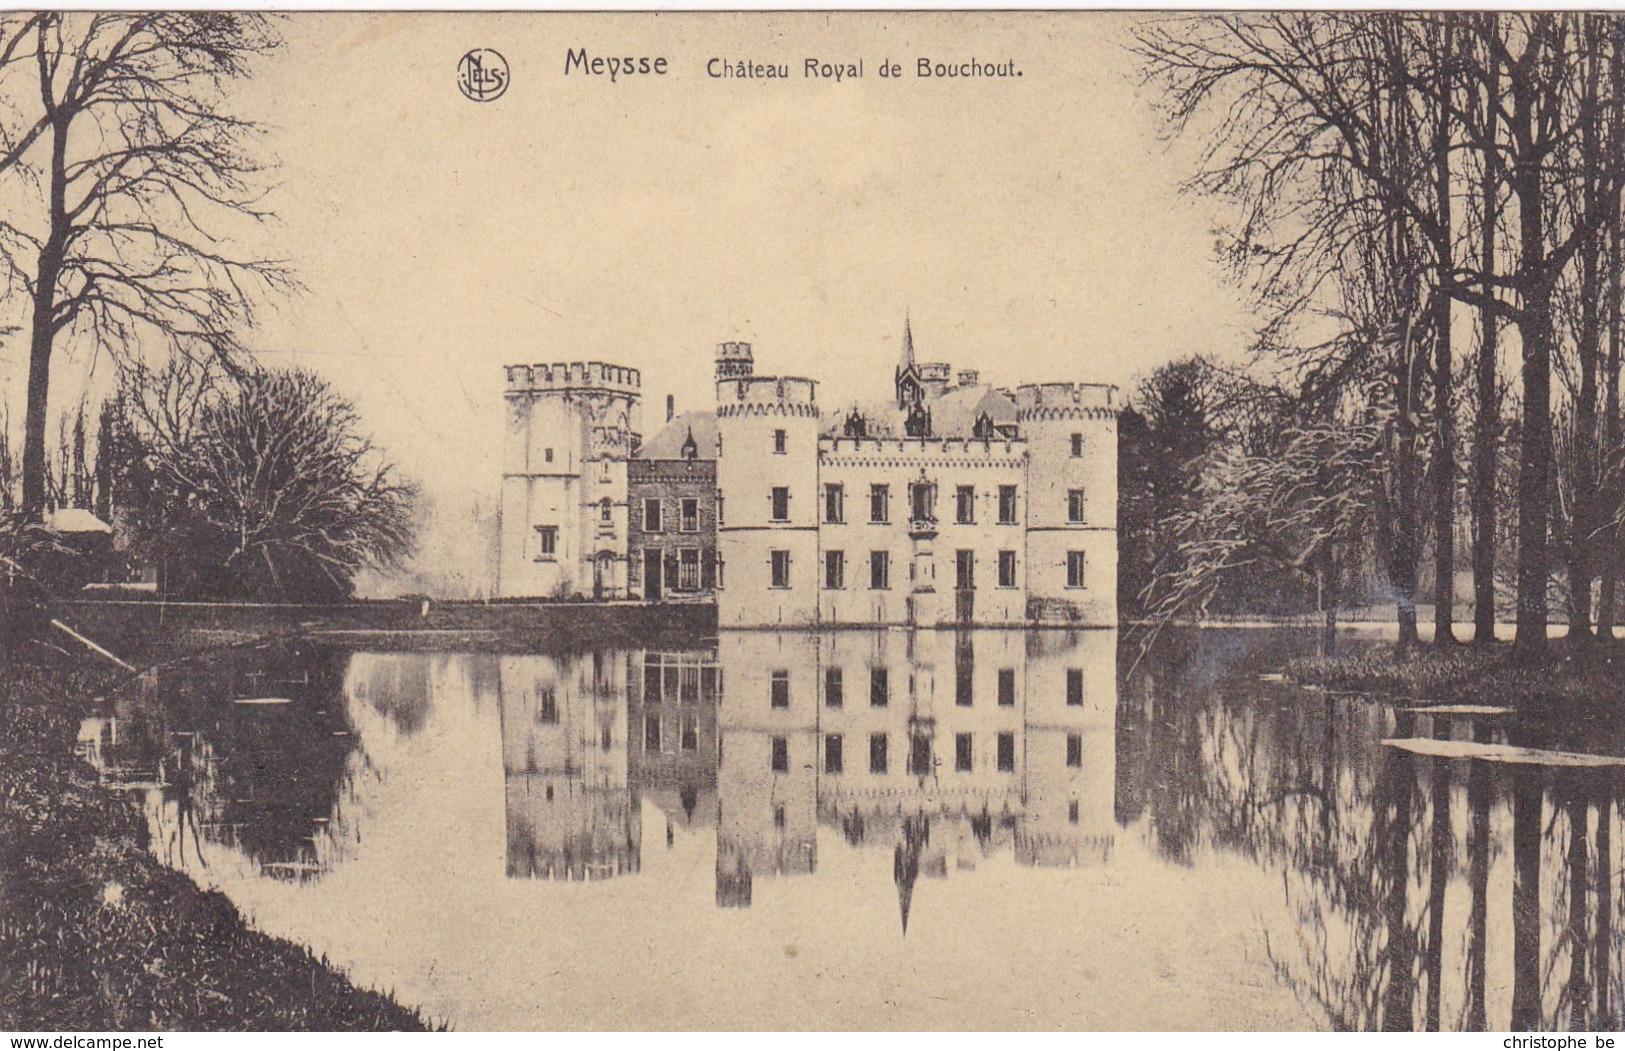 Meise, Meysse, Château Royal De Bouchout (pk47980) - Meise